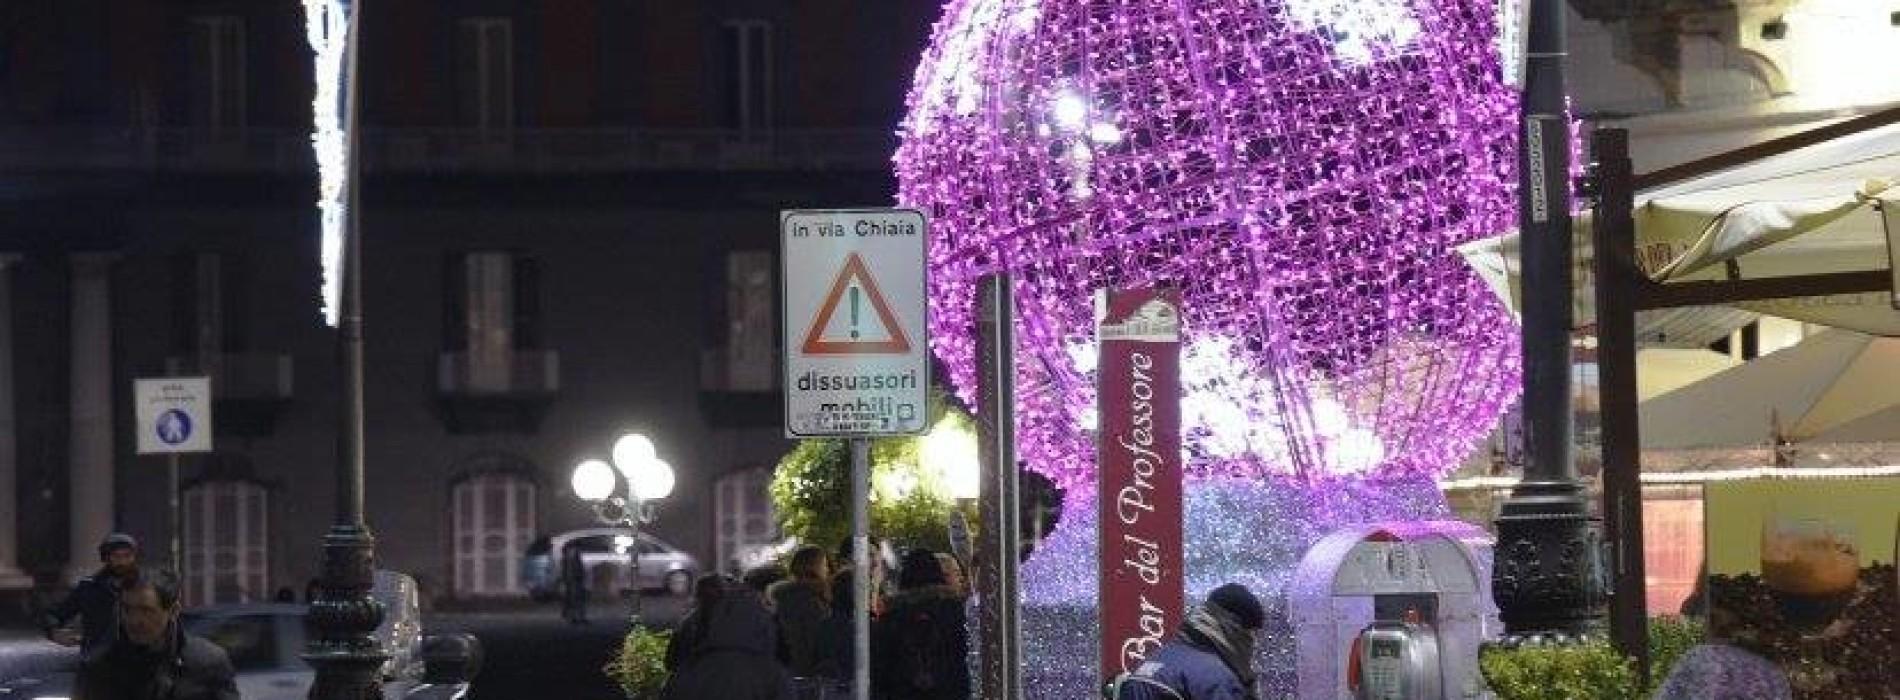 Il Natale 2015 di Chiaia